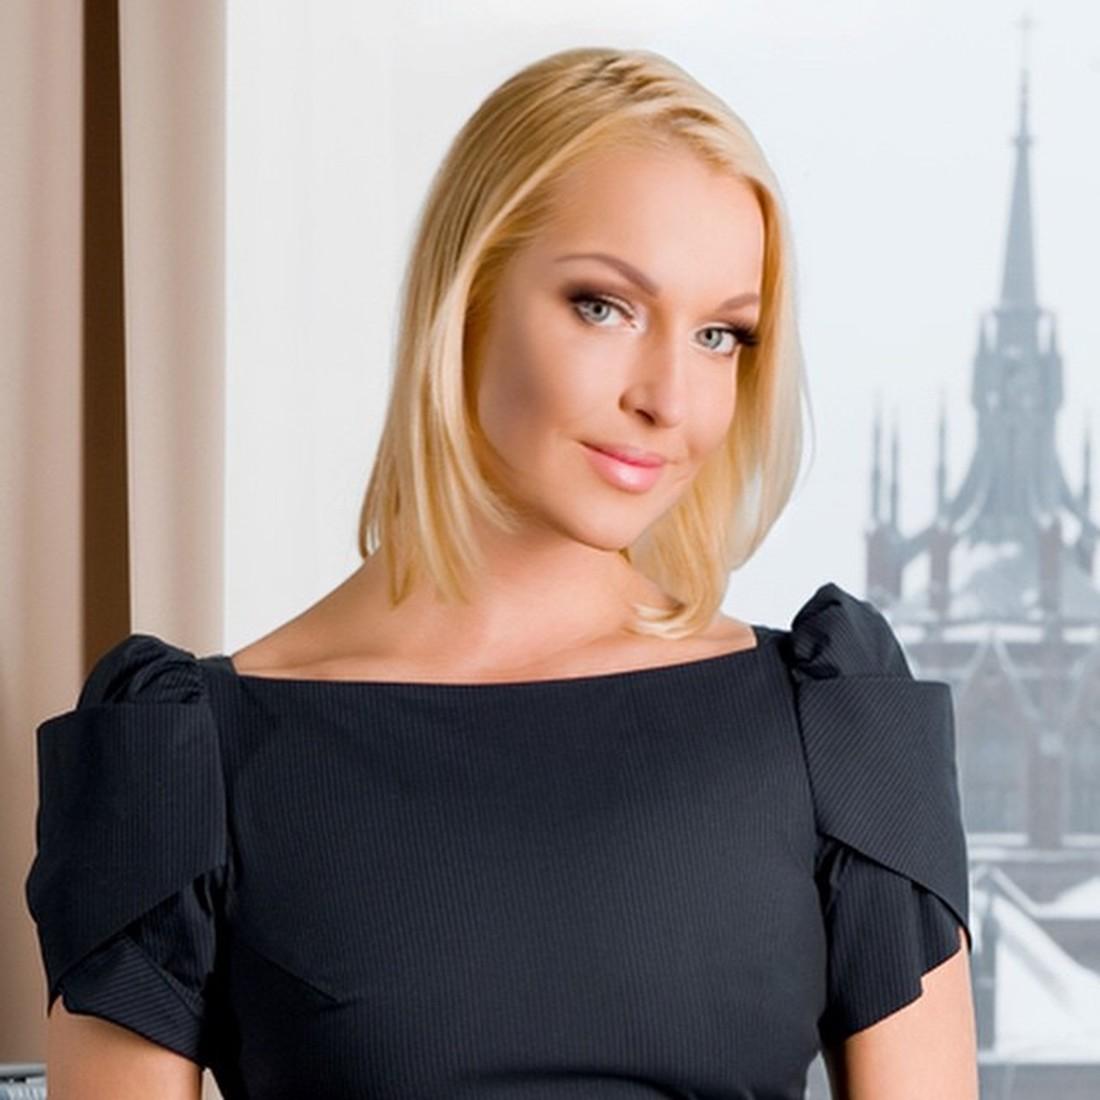 Не нарушая традиций: Анастасия Волочкова в своем фирменном шпагате